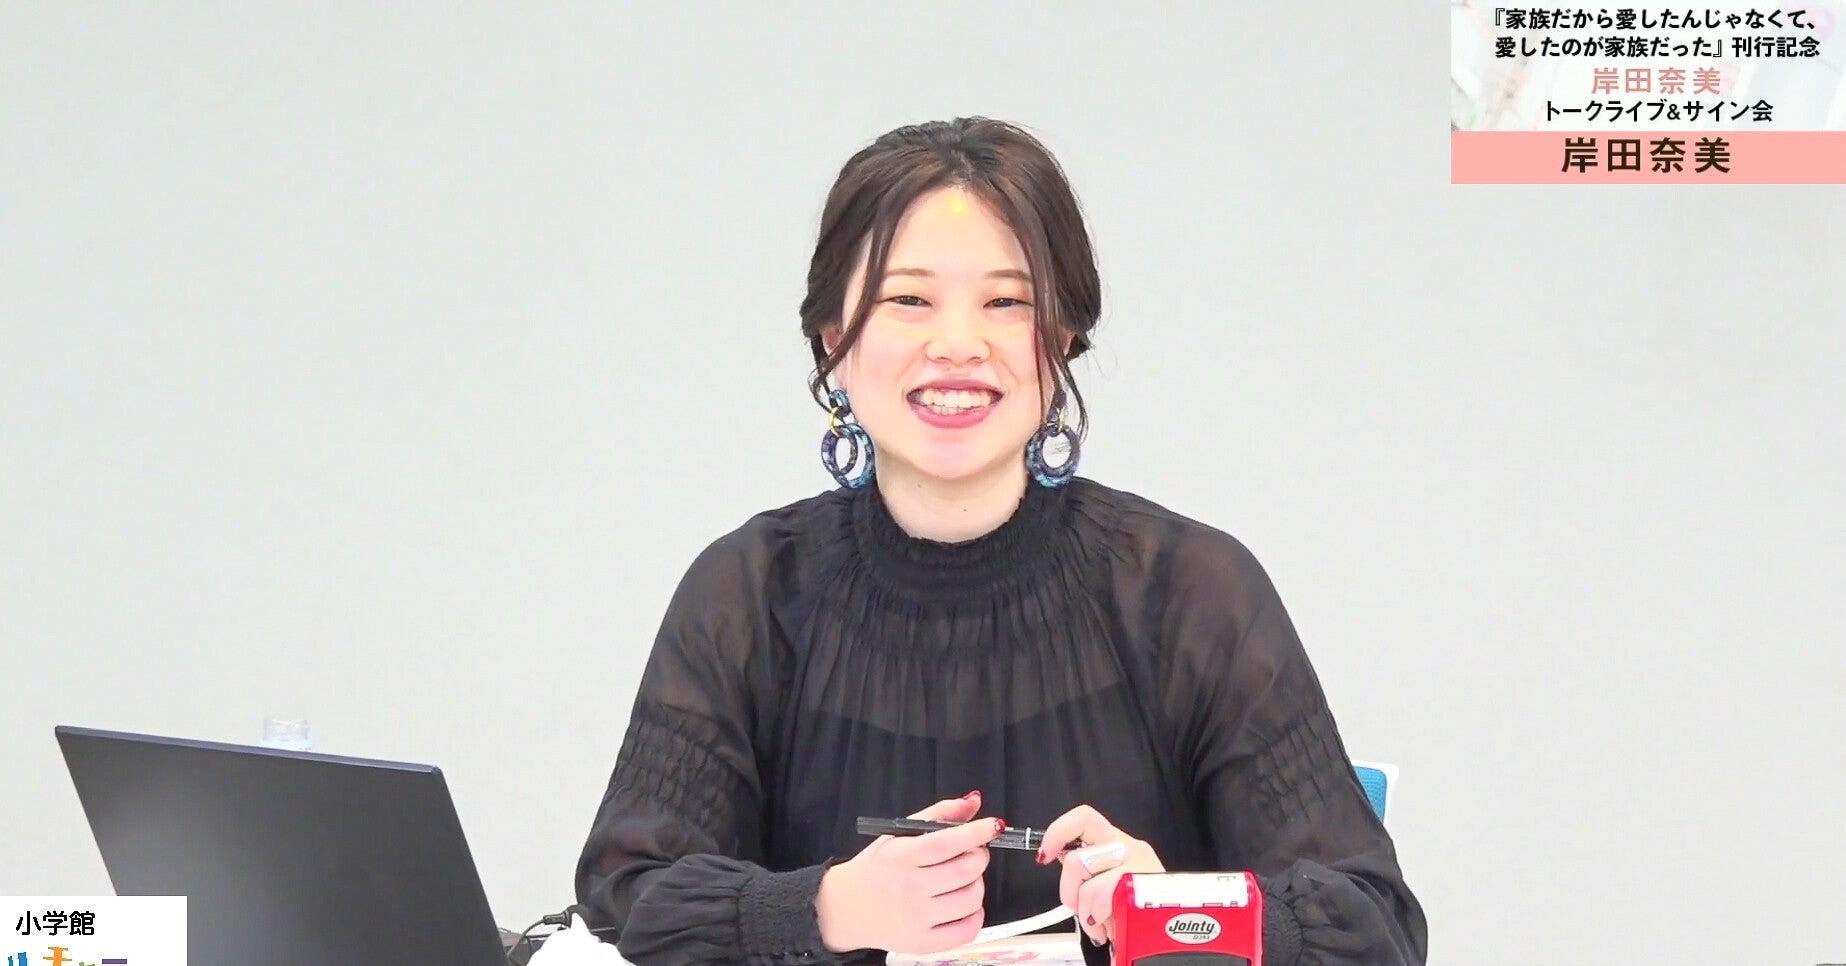 奈美 岸田